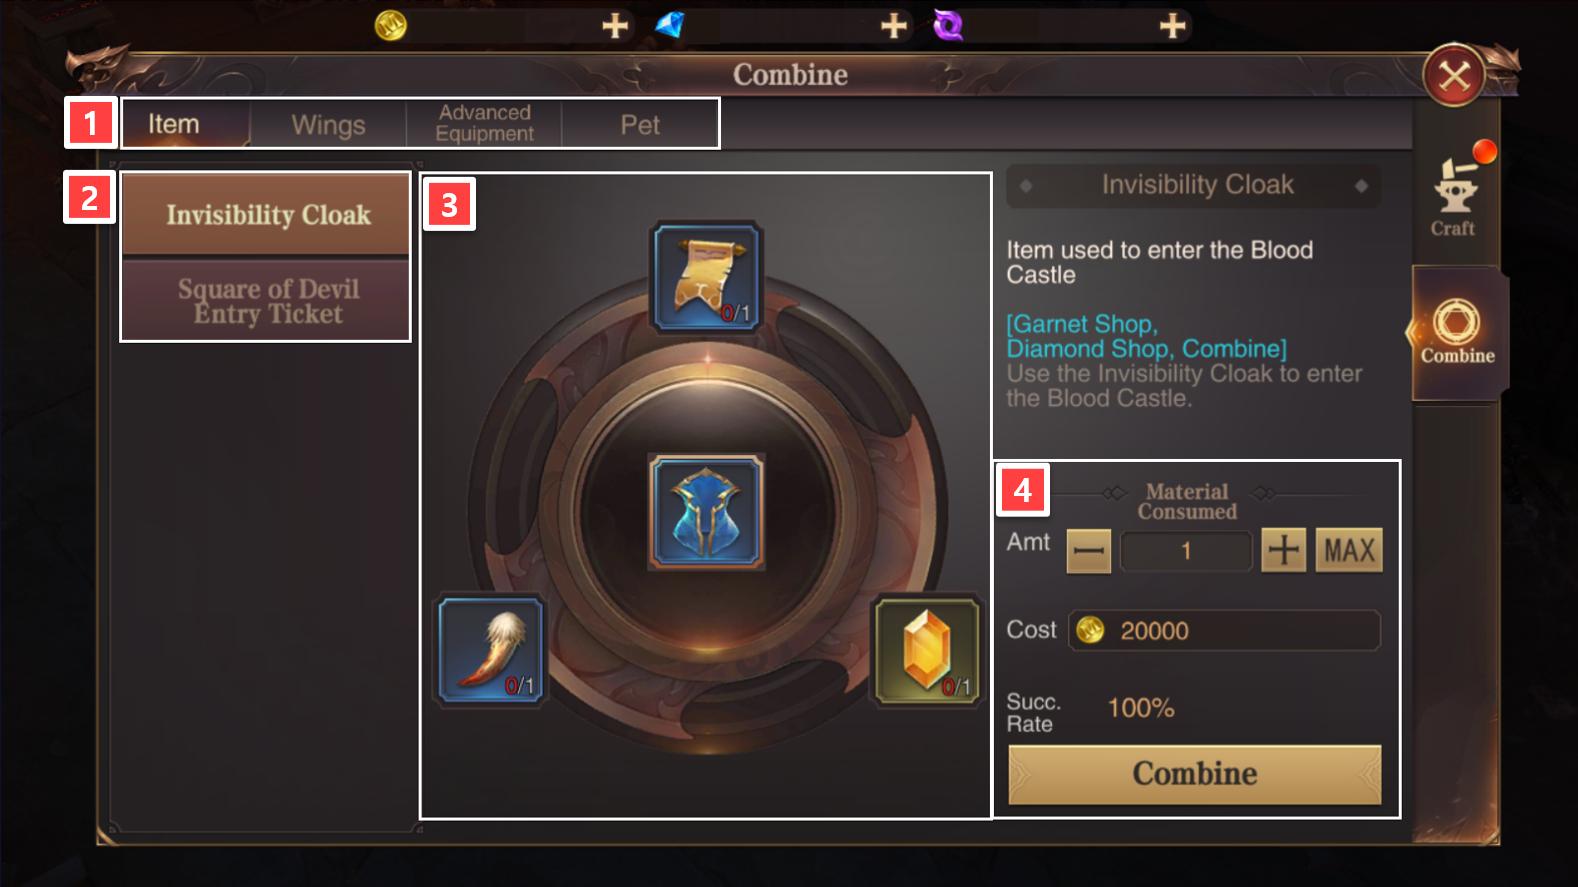 Combine Items